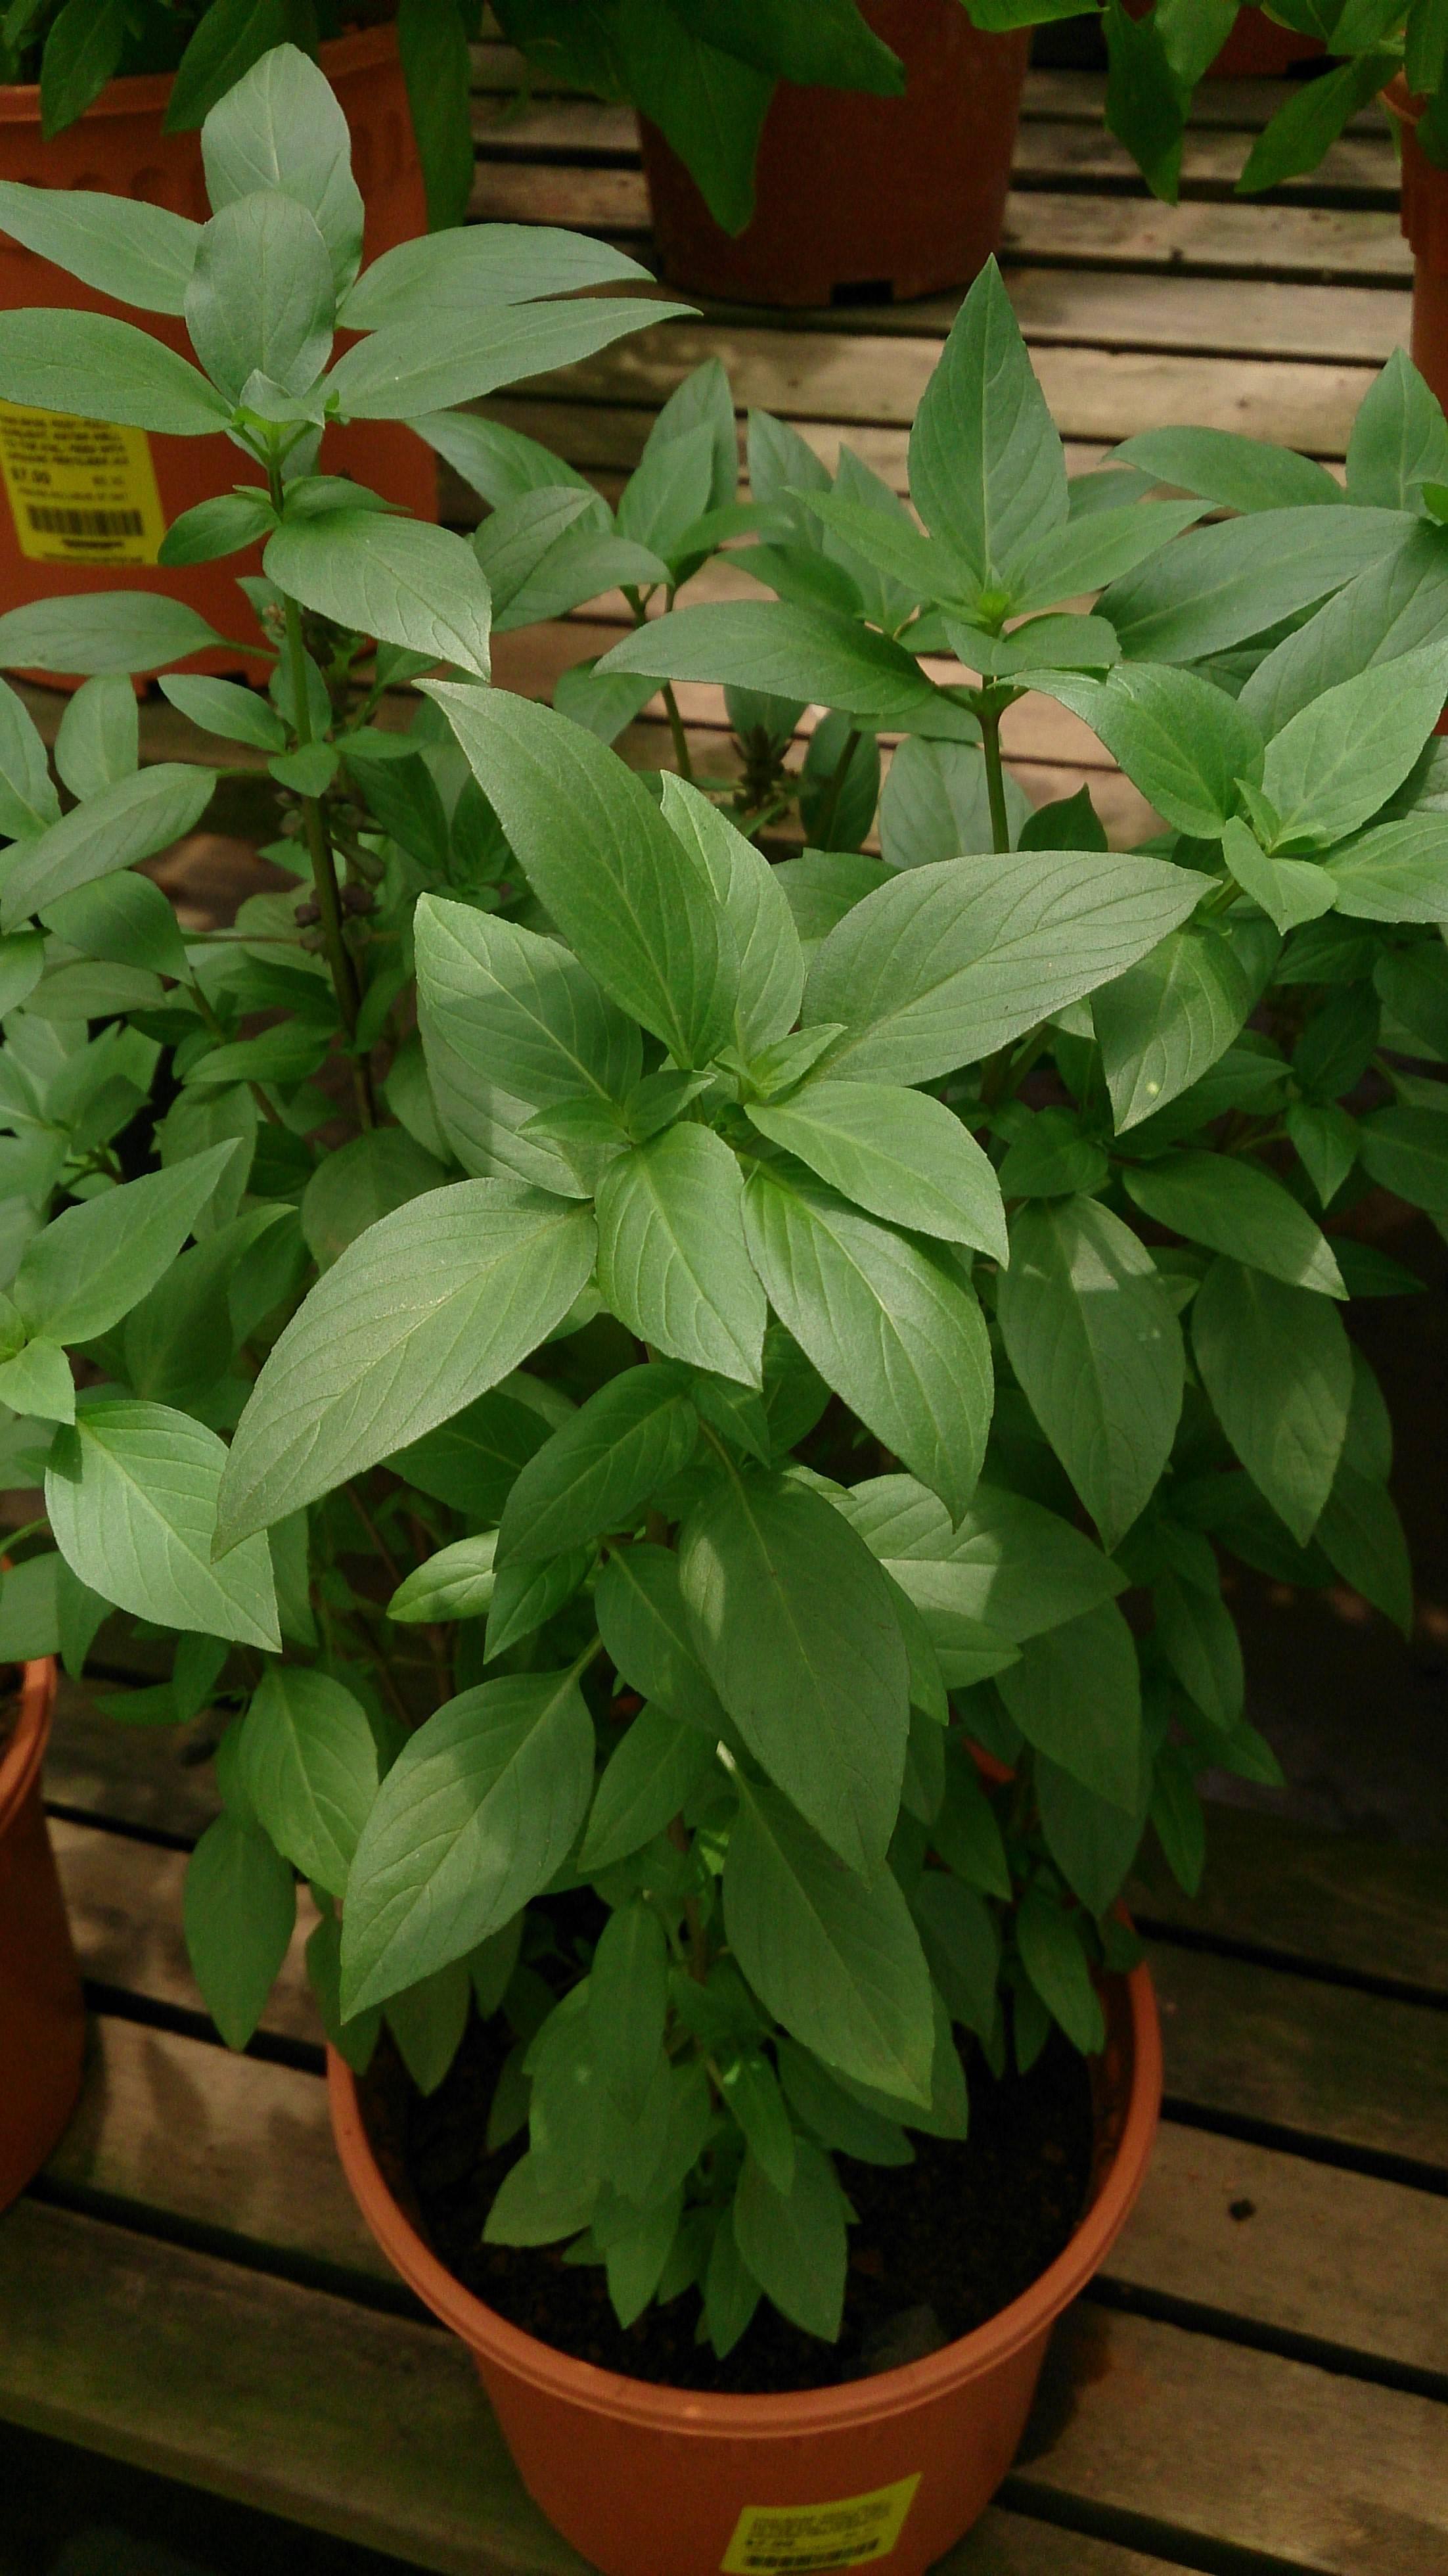 Beneficios de la infusi n de albahaca for Planta decorativa con propiedades medicinales crucigrama